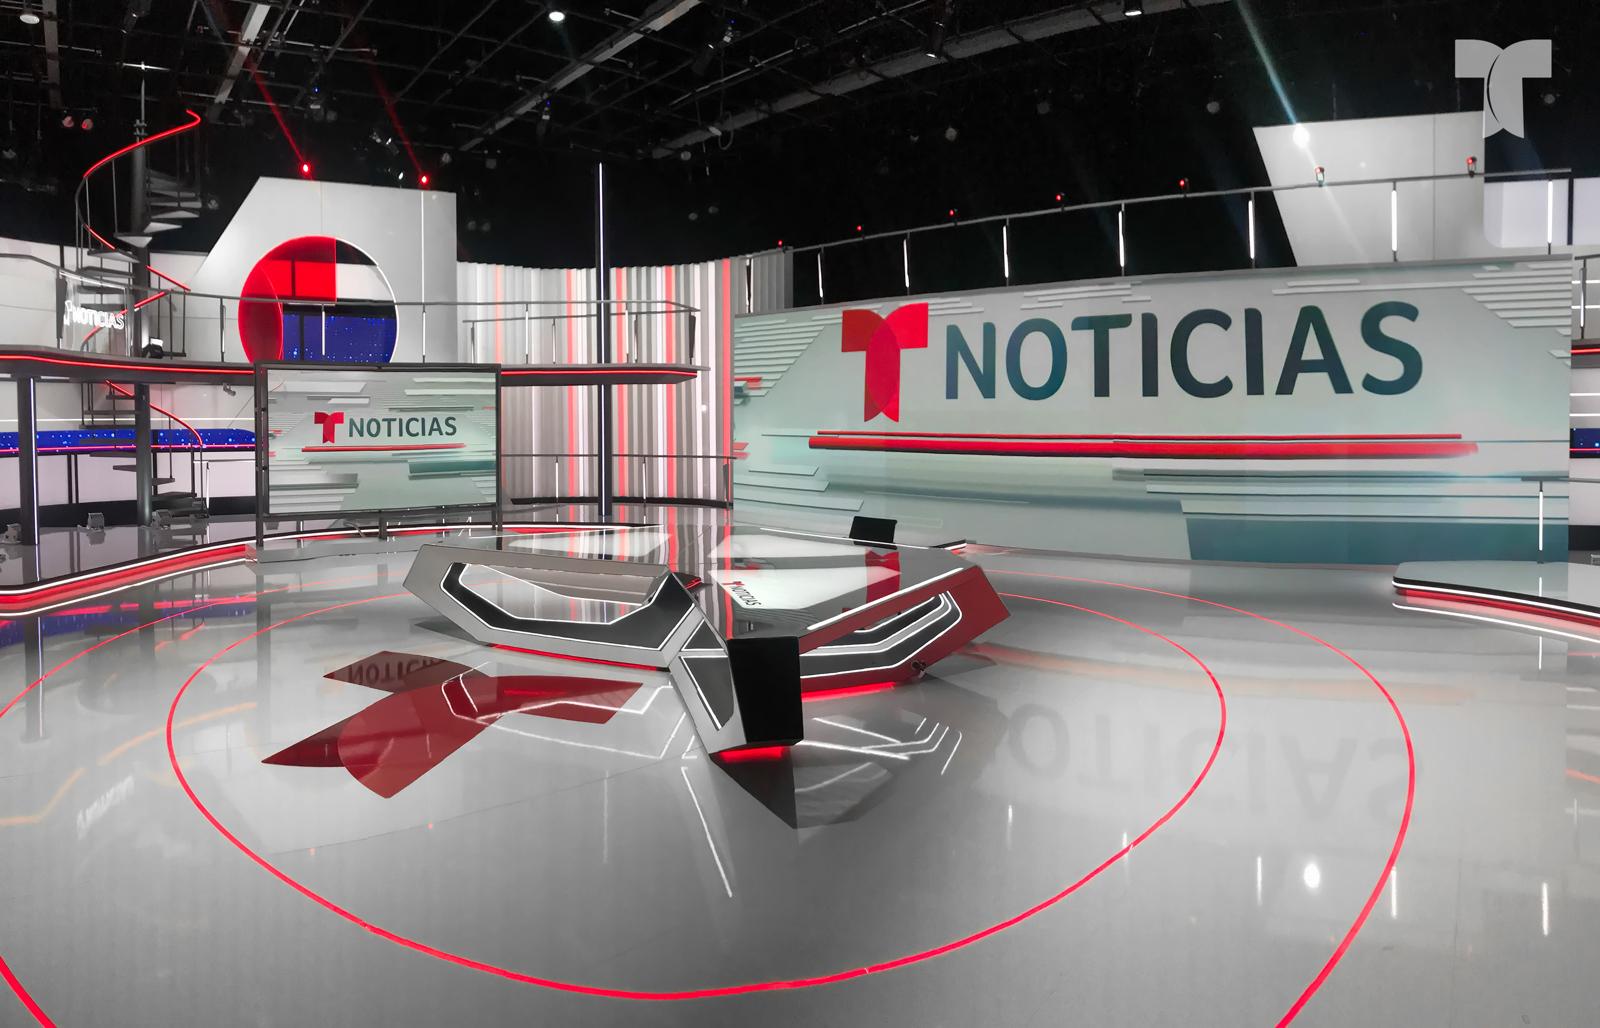 ncs_noticias-telemundo-estudio-miami_0007